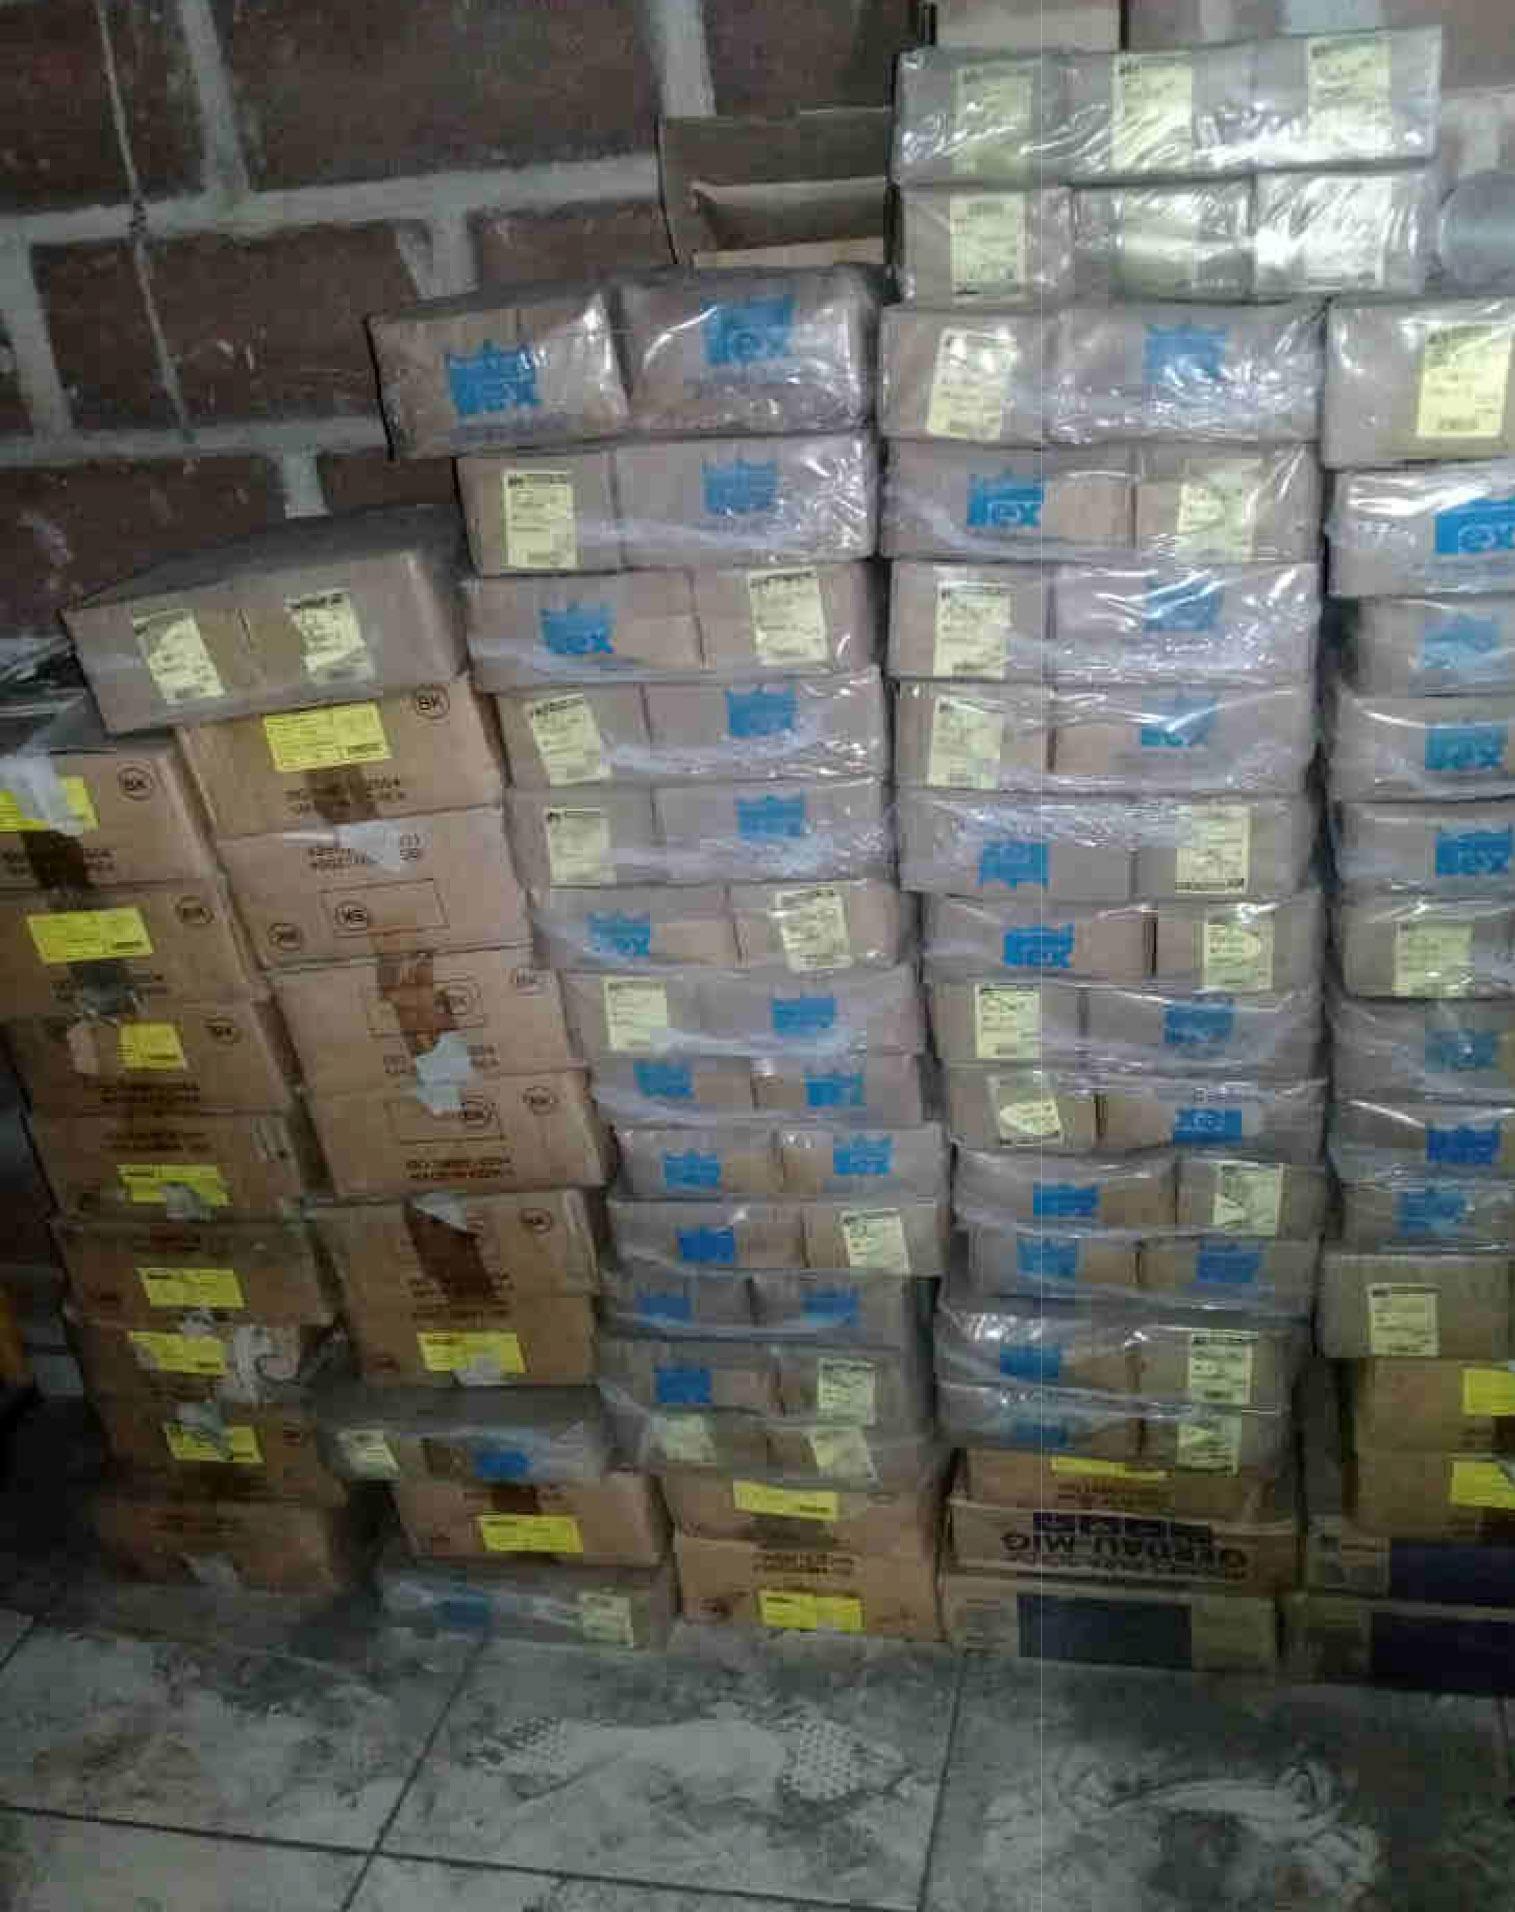 Itaúna - Quant.: 16 - Caixas de parafusos de aço 1/2 13 UNCX 1.6  Contendo cada caixa 100